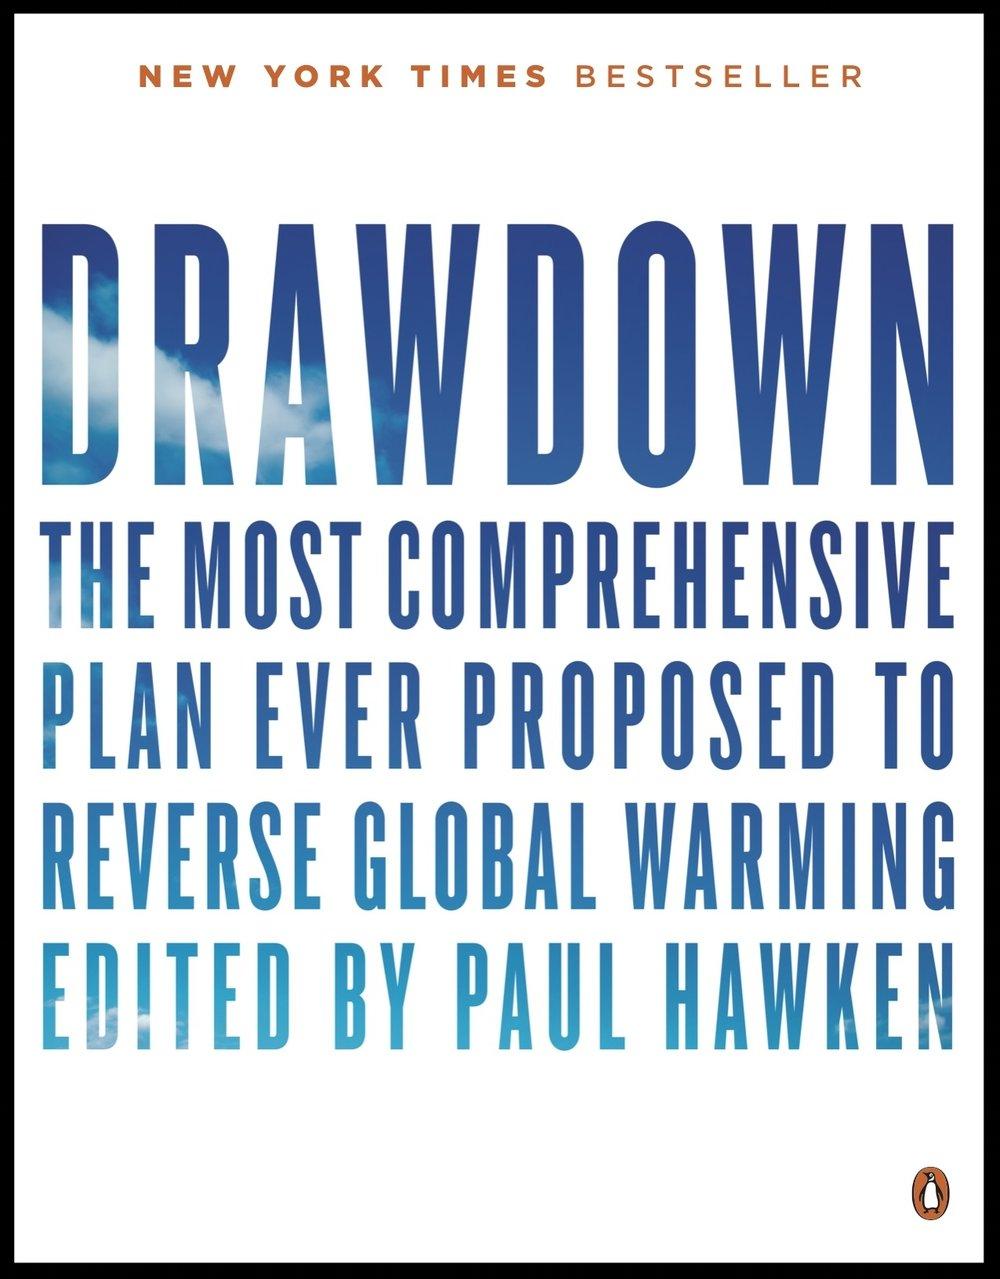 Drawdown Book Cover - NYT Bestseller.jpg